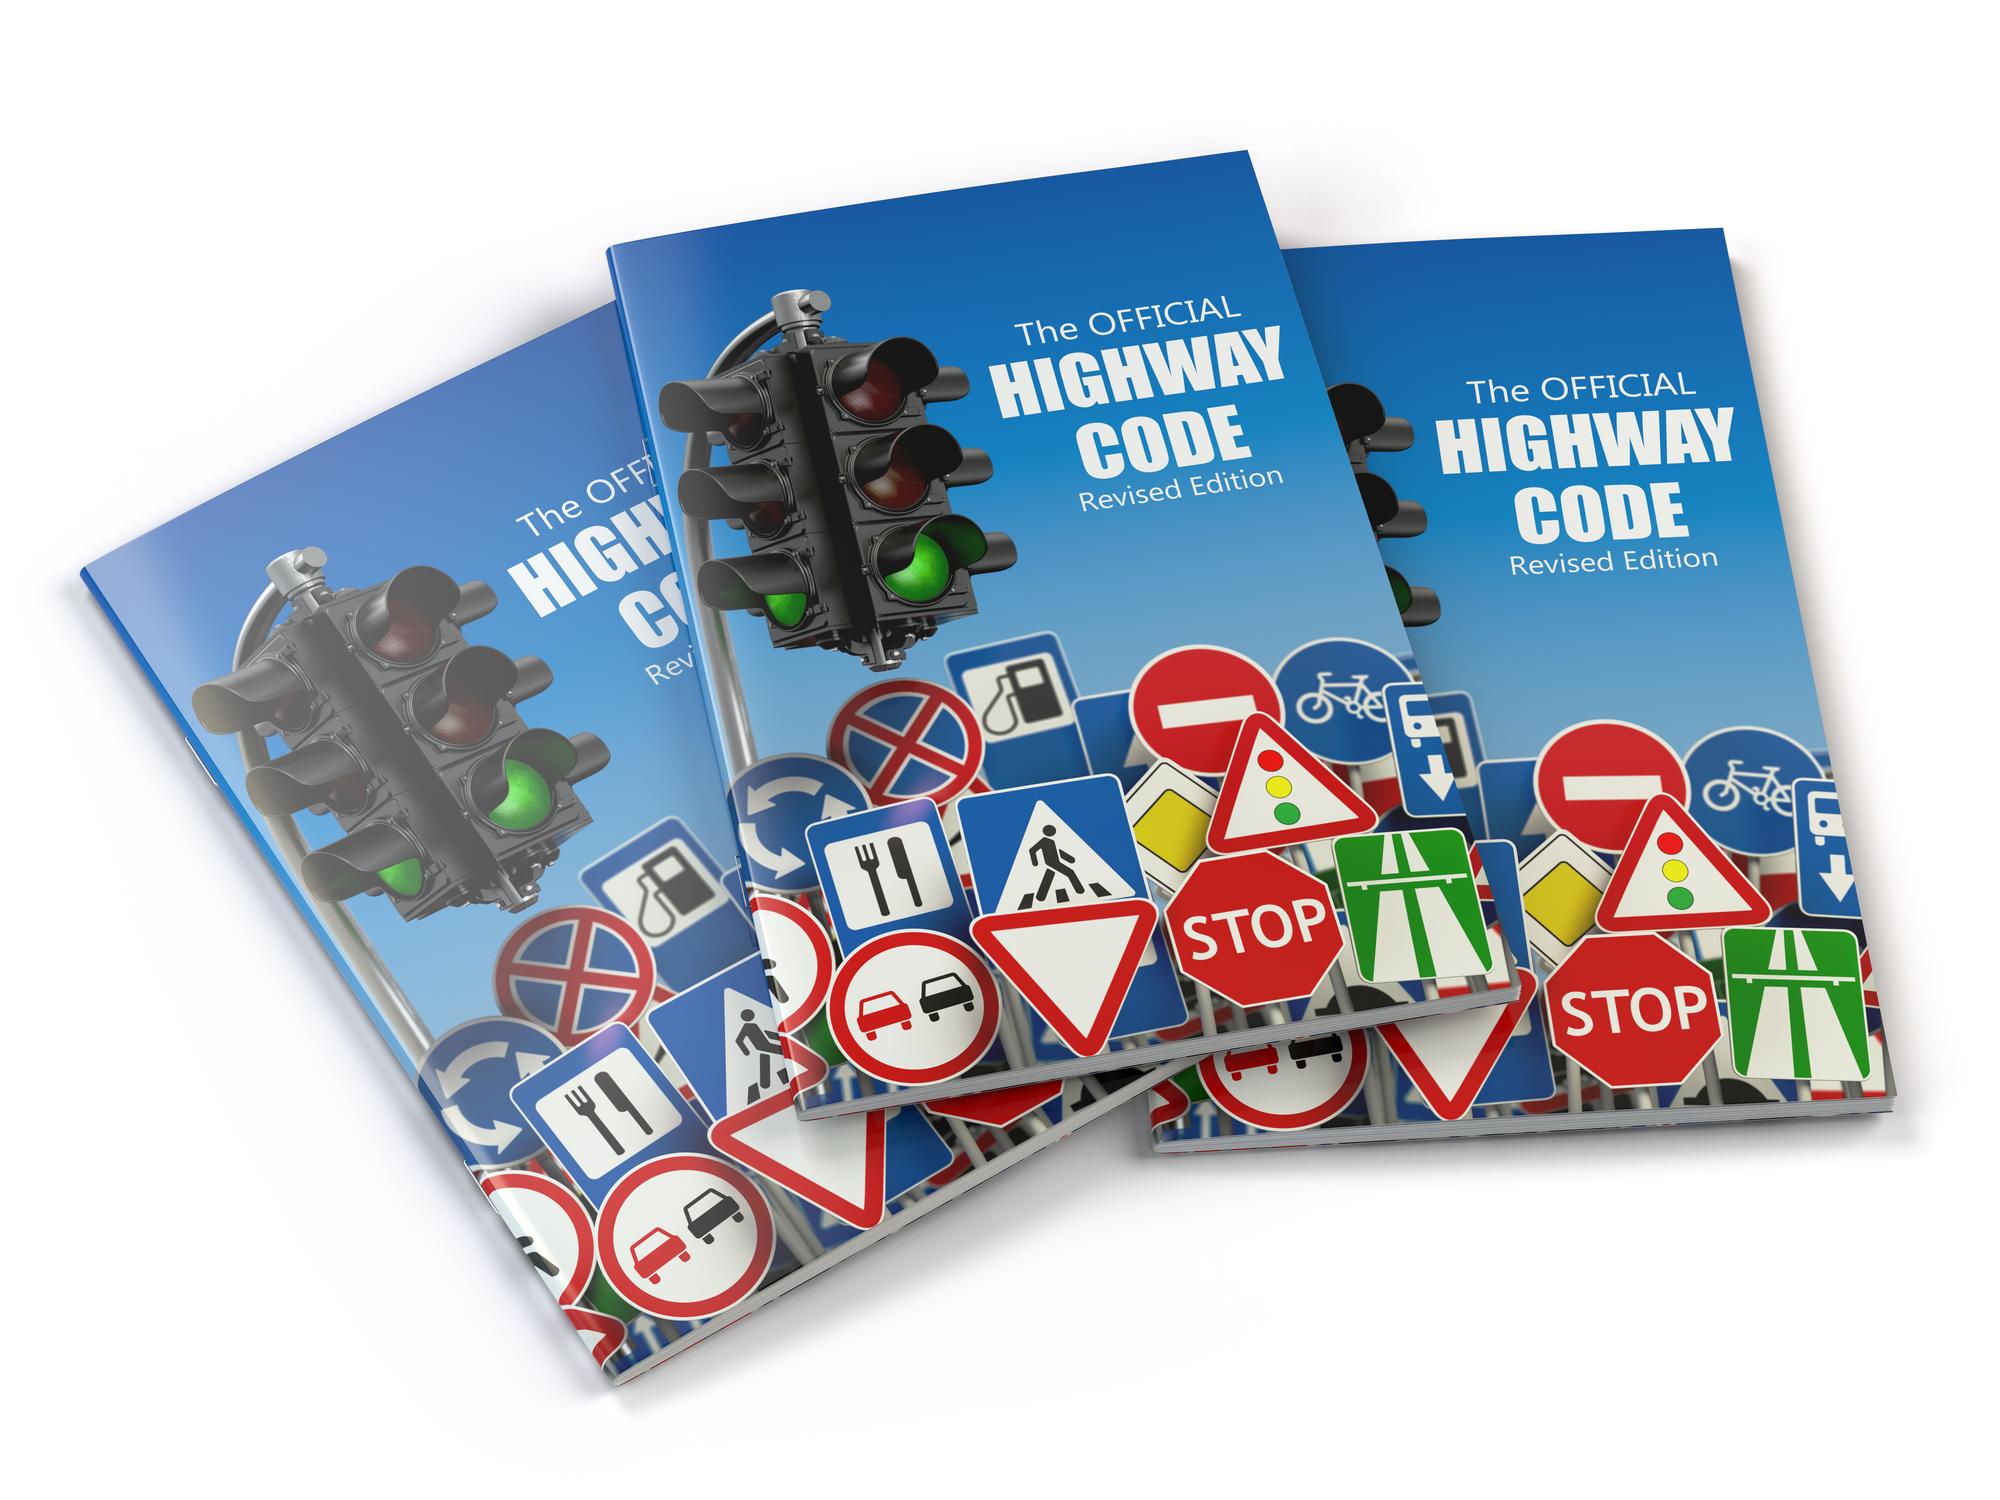 image Quels sont les avantages de réviser le code de la route en ligne ?